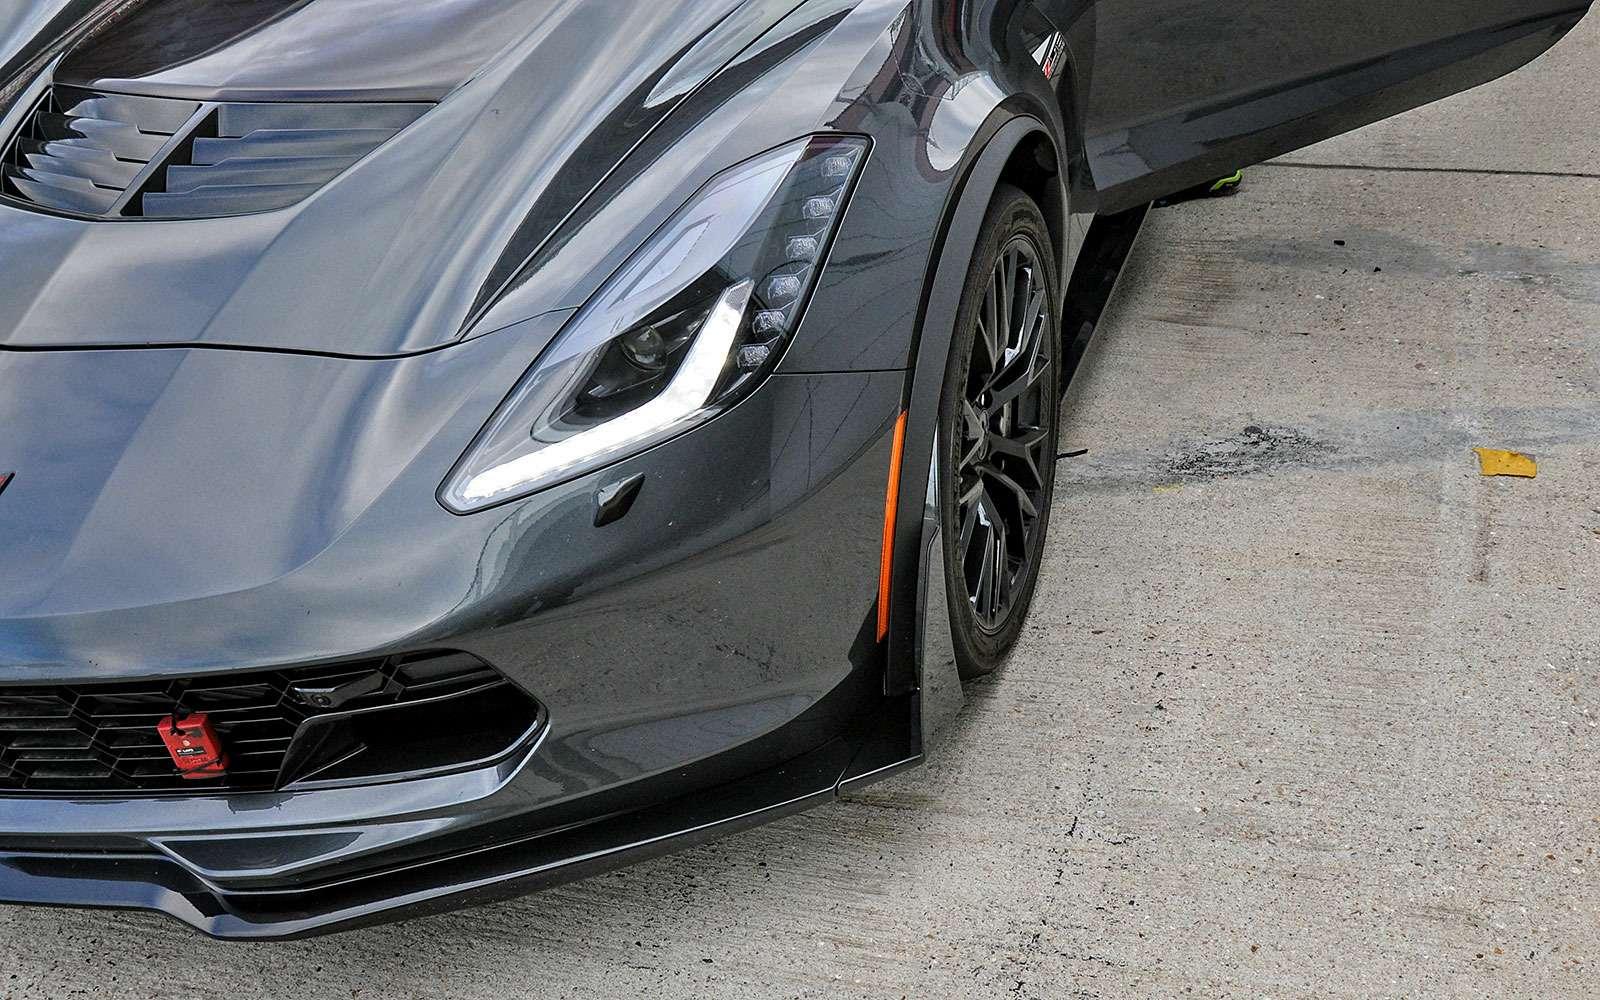 1546«лошадей» натроих: испытываем самые мощные Chevrolet иCadillac— фото 761348